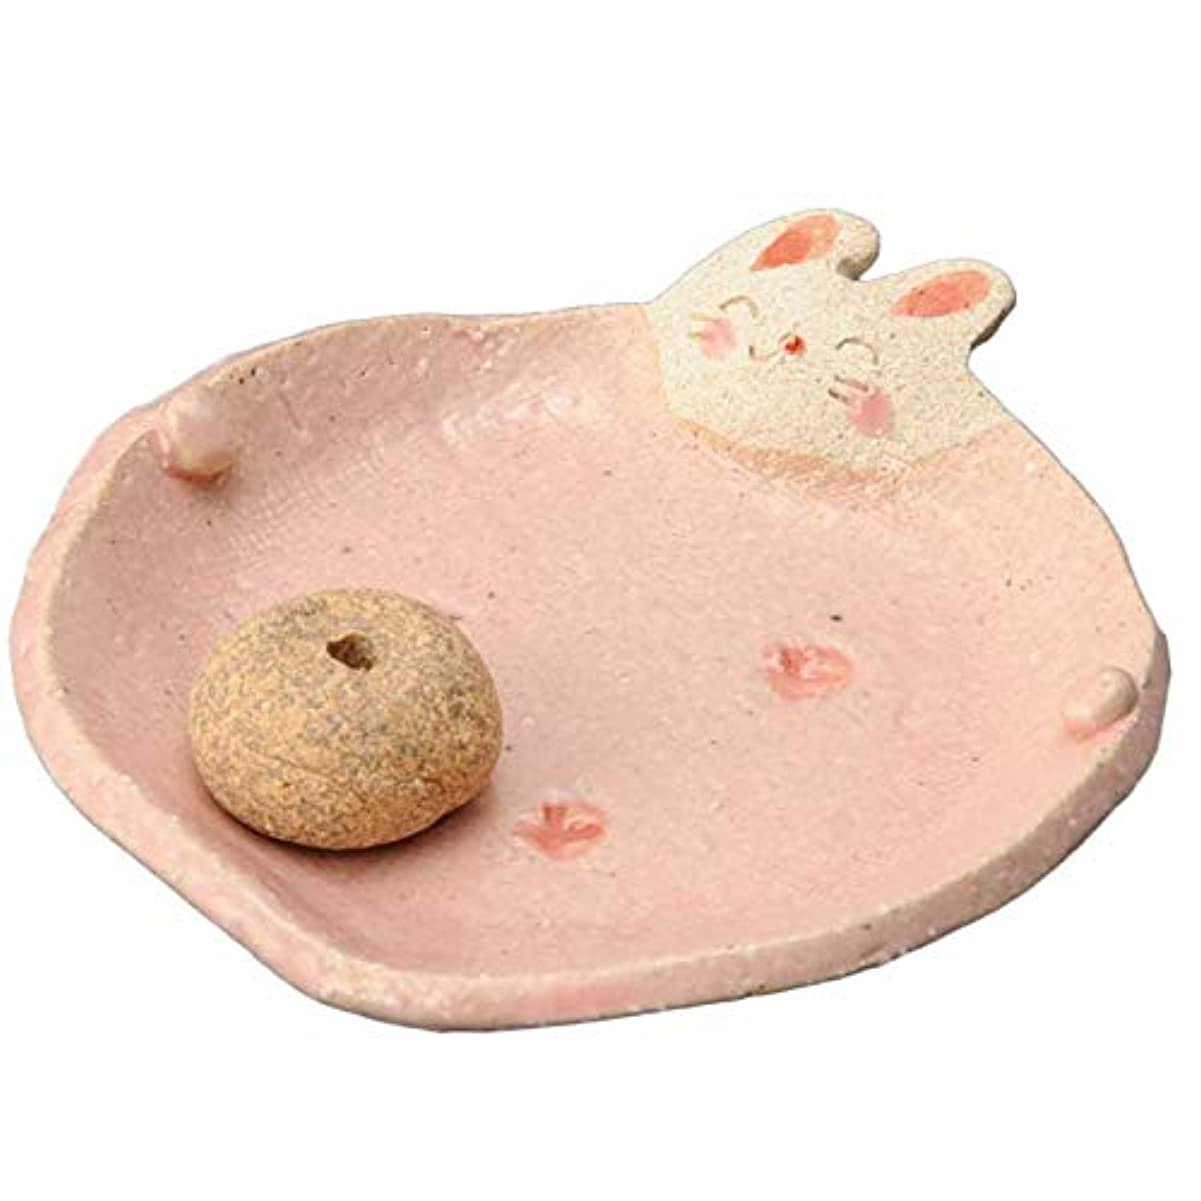 しがみつく推定魅力的手造り 香皿 香立て/ふっくら 香皿(ウサギ) /香り アロマ 癒やし リラックス インテリア プレゼント 贈り物